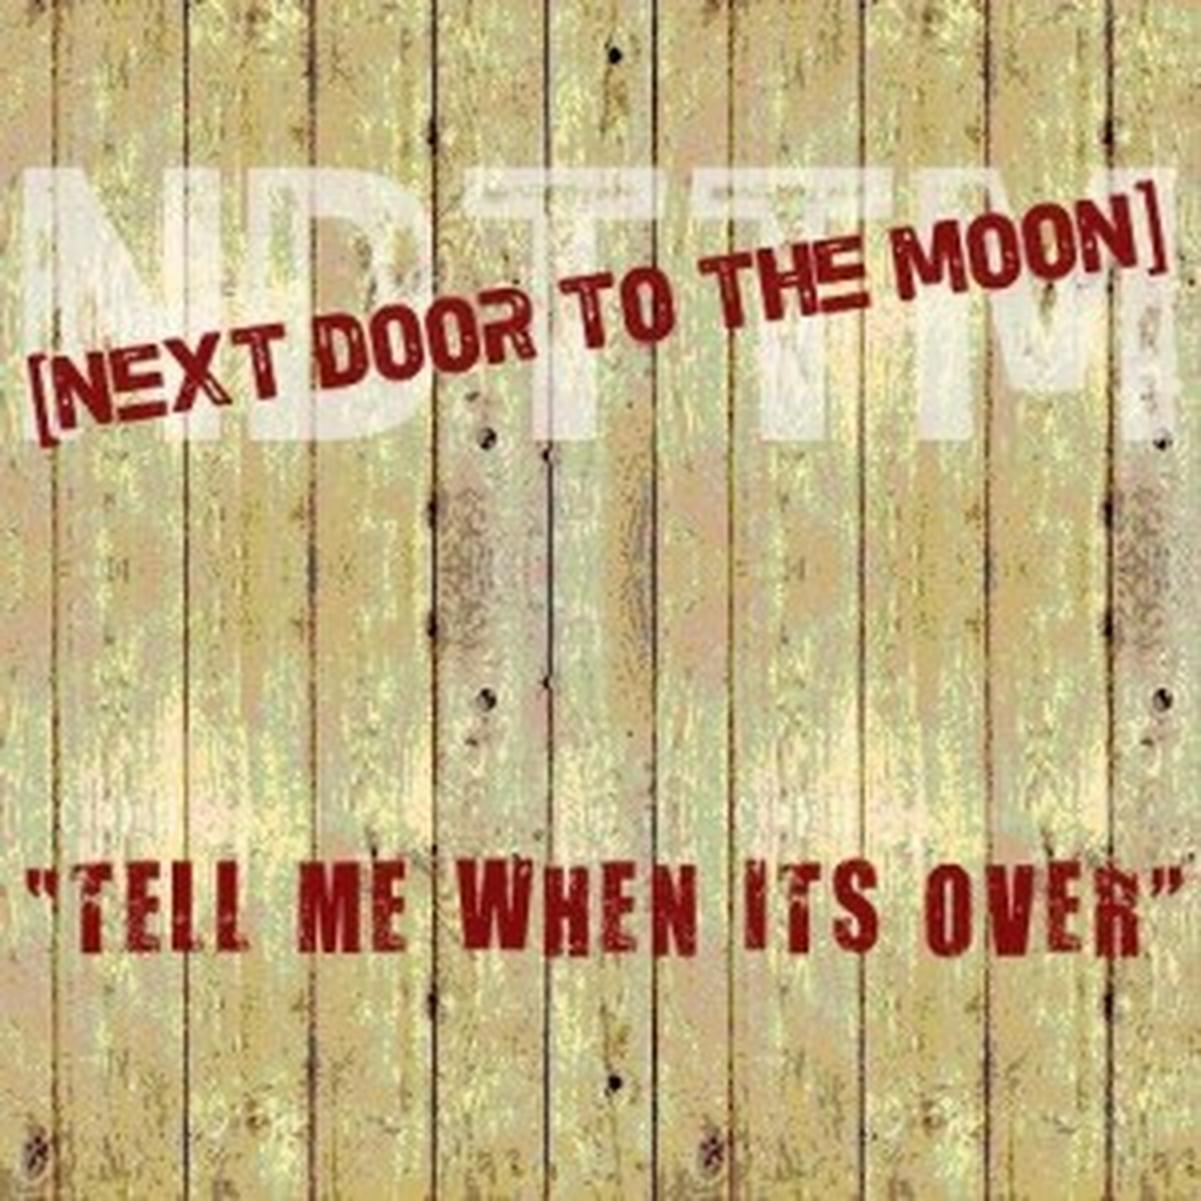 Next Door to the Moon